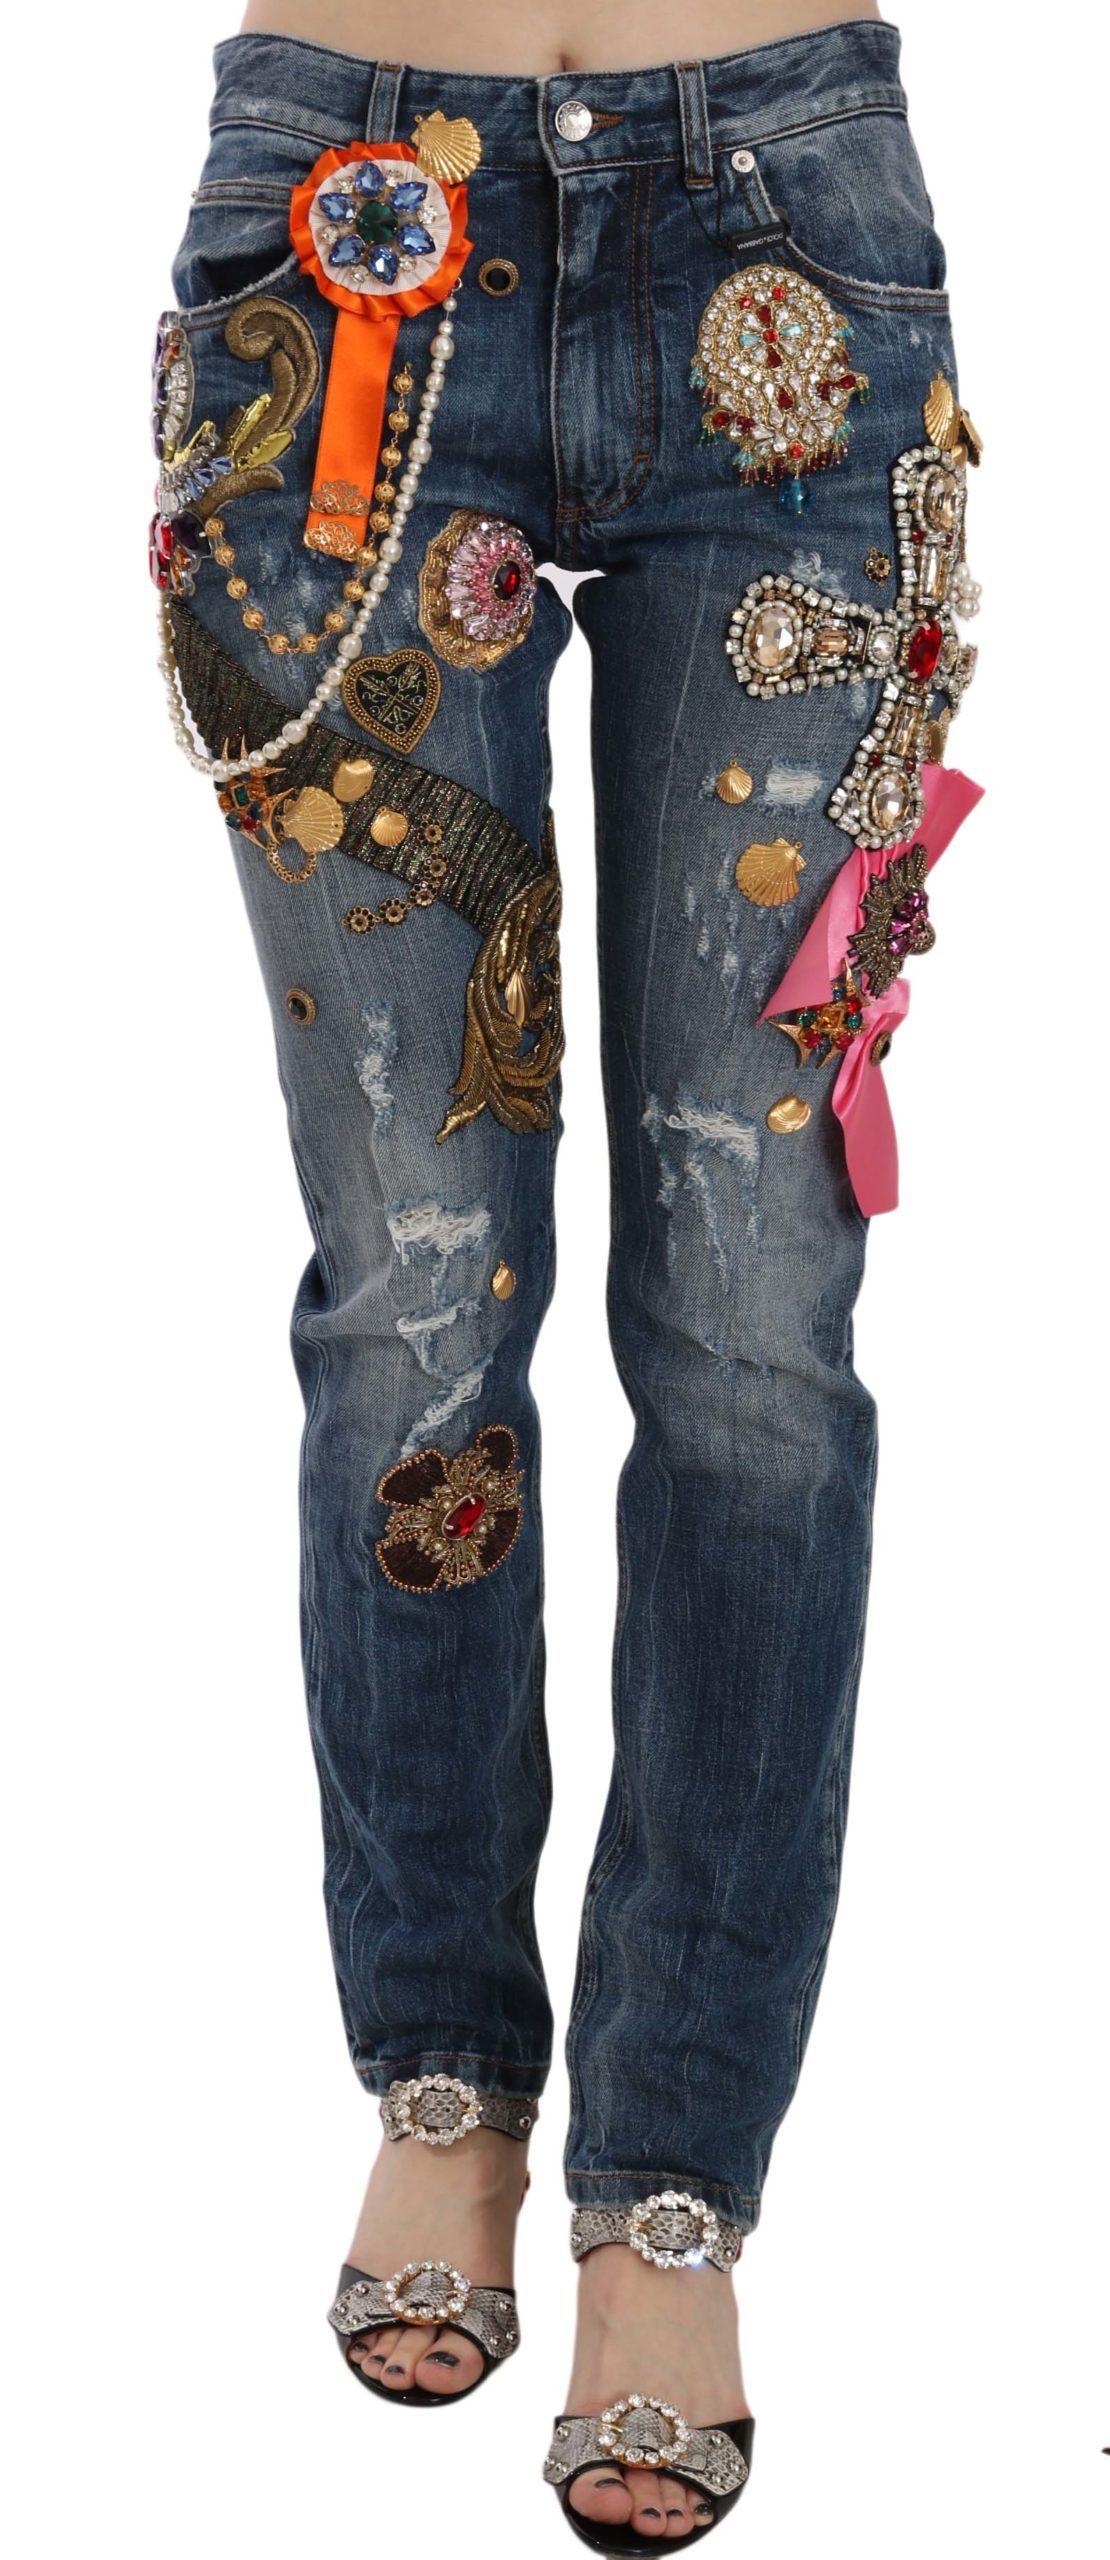 Dolce & Gabbana Women's Crystal Embellished Cross Skinny Trouser Blue PAN70048 - IT38|XS